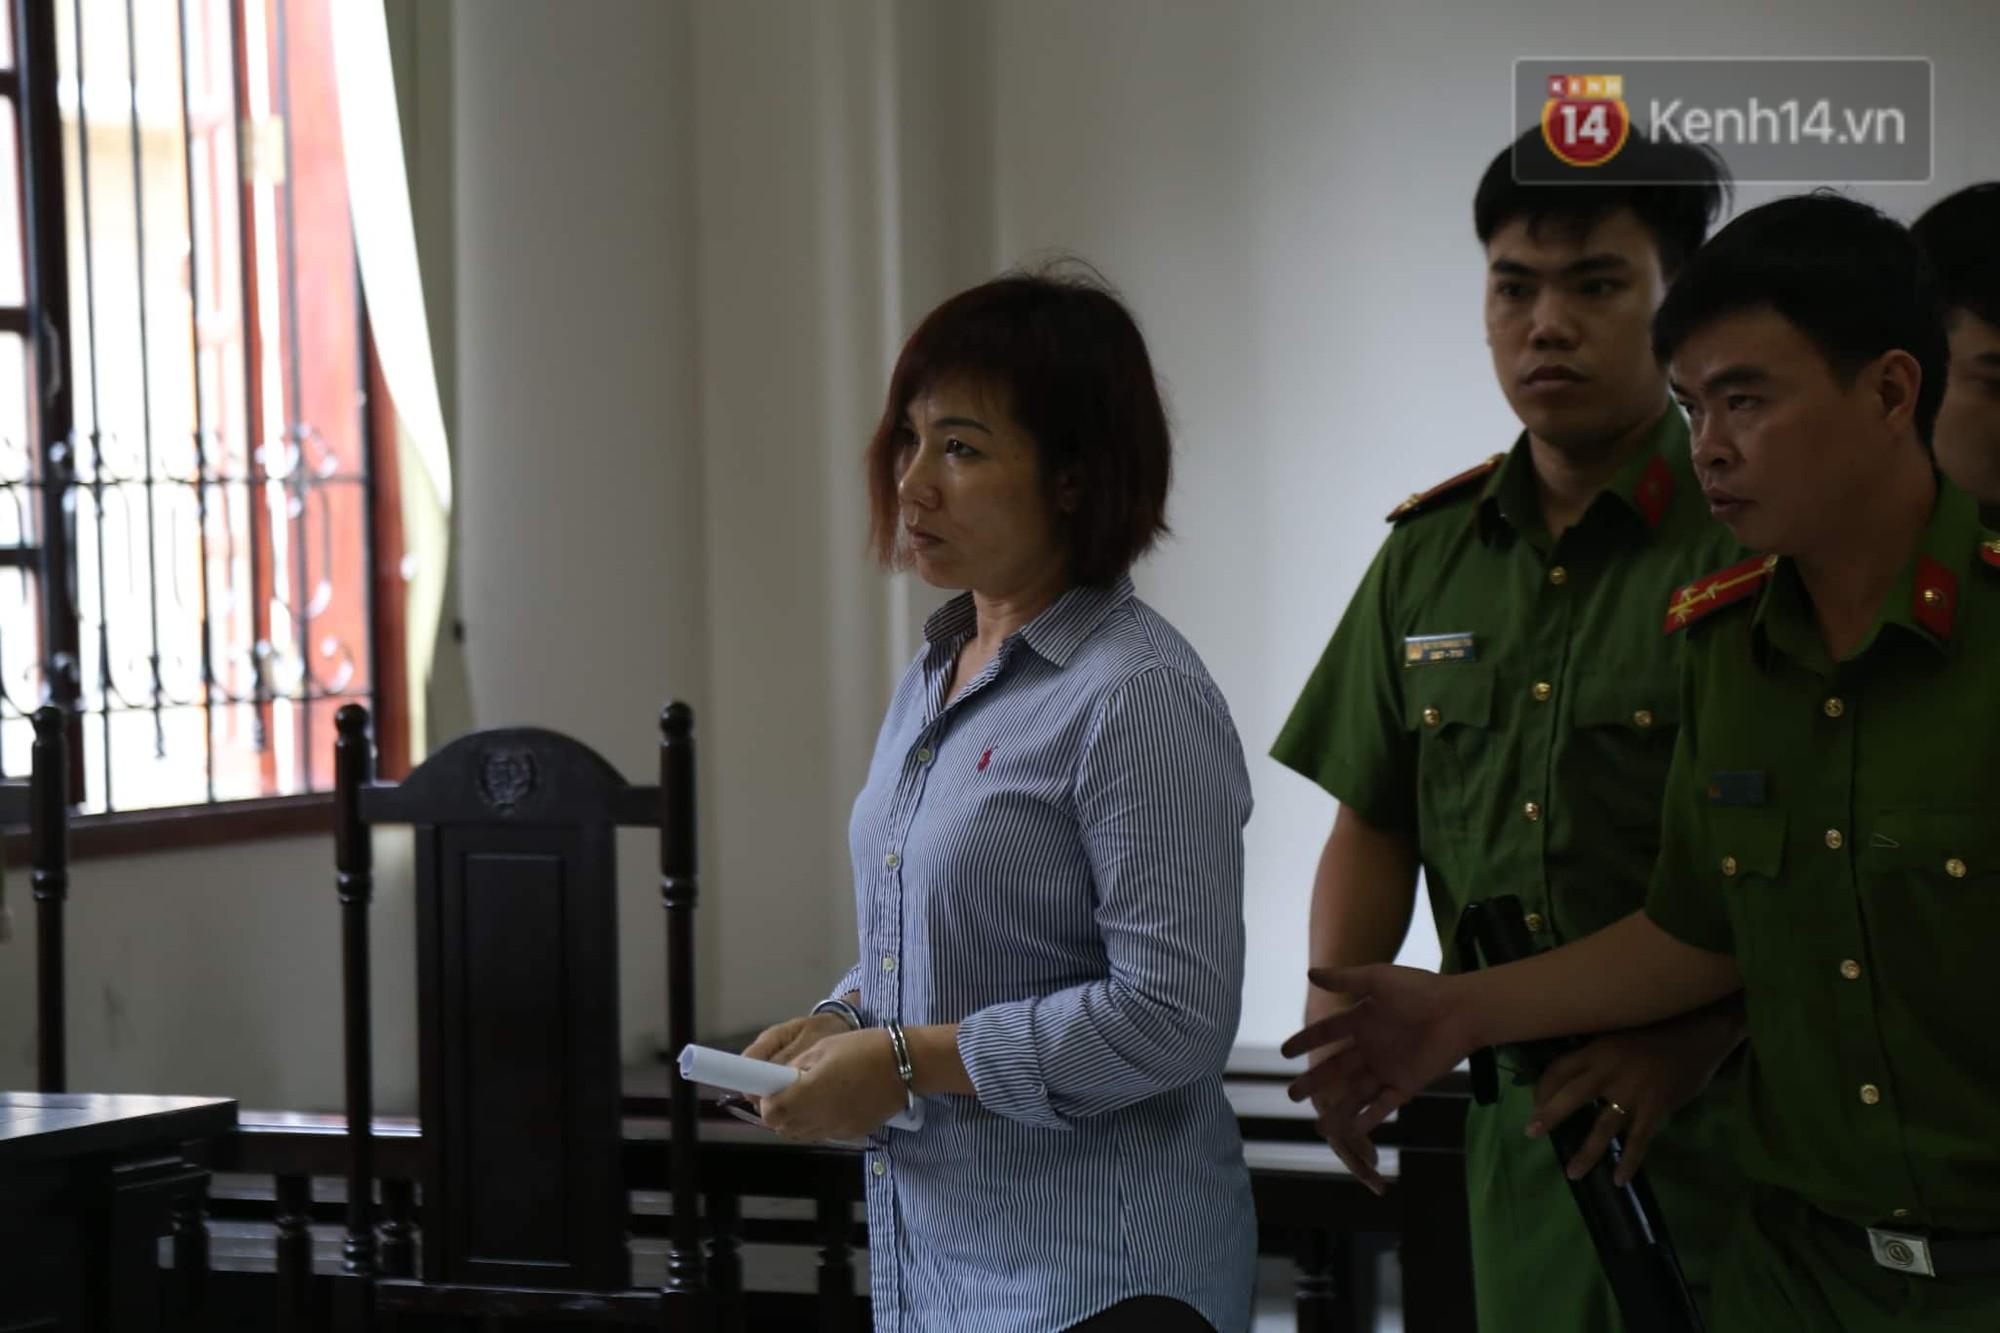 Nữ tài xế BMW vẫy tay chào người thân sau khi bị tuyên phạt 3 năm 6 tháng tù - Ảnh 4.